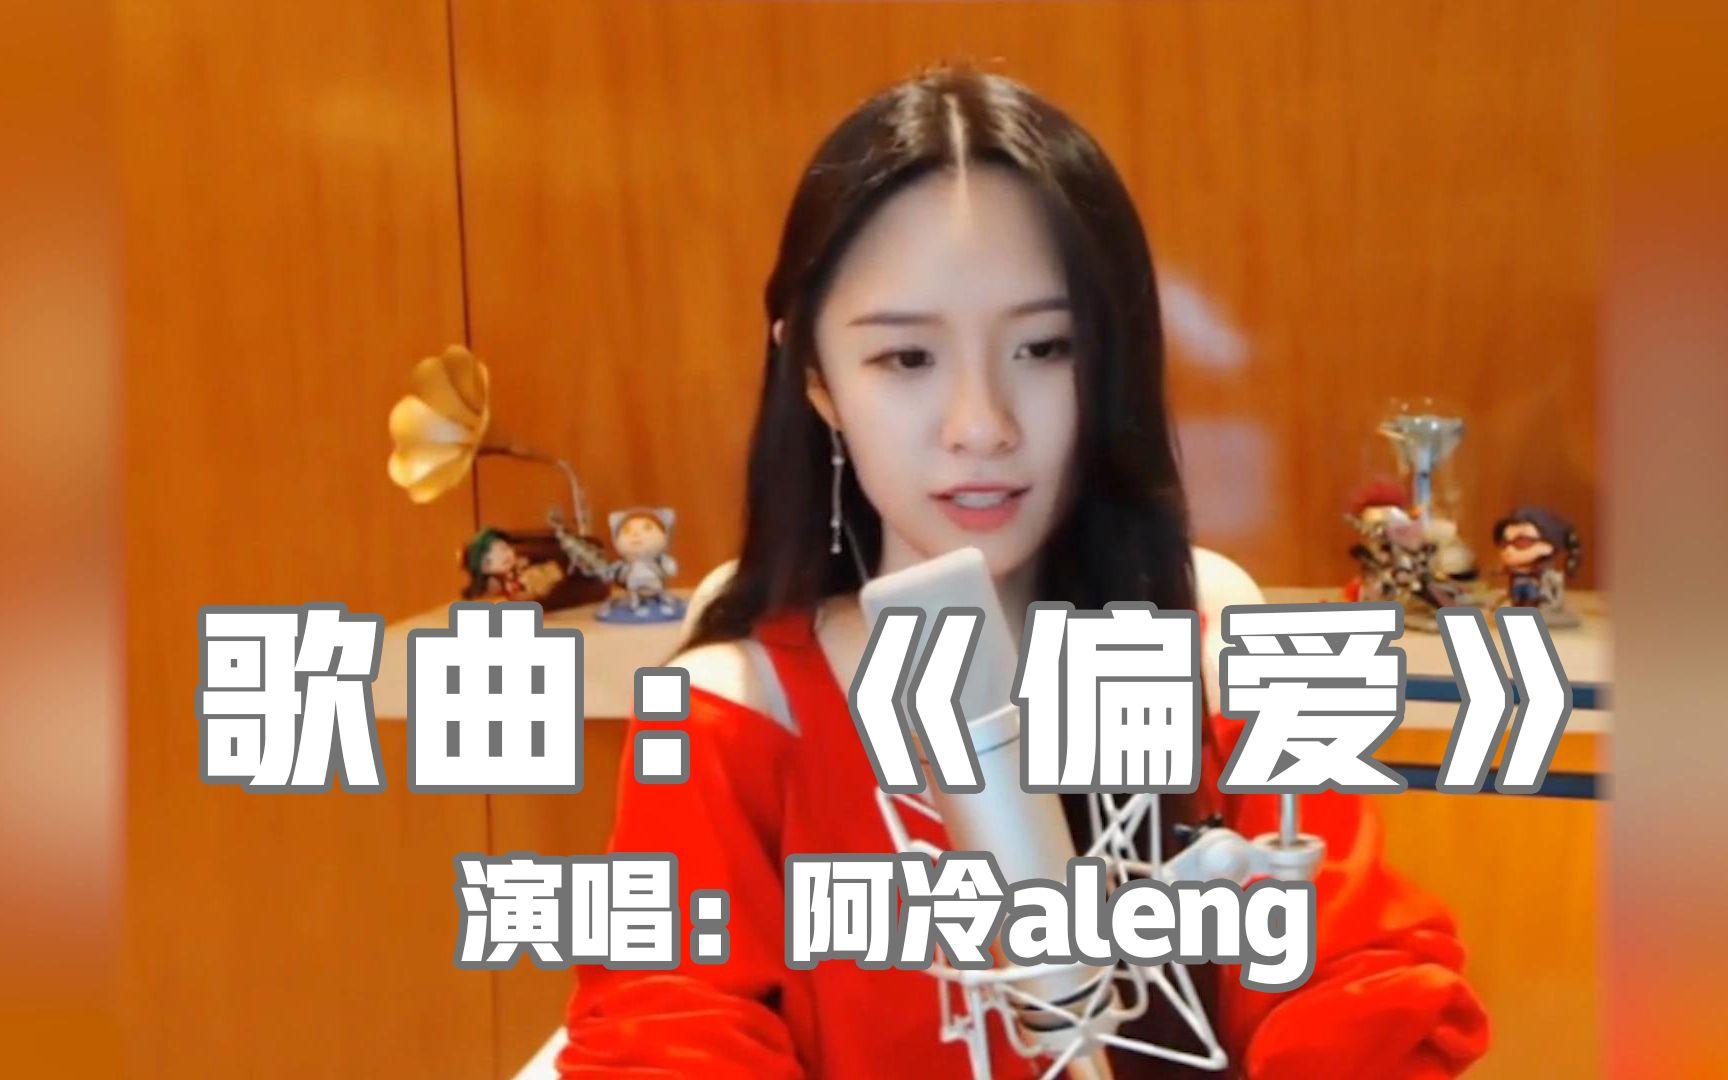 漂亮的小姐姐 阿冷aleng 翻唱 仙剑奇侠传3 经典歌曲《偏爱》